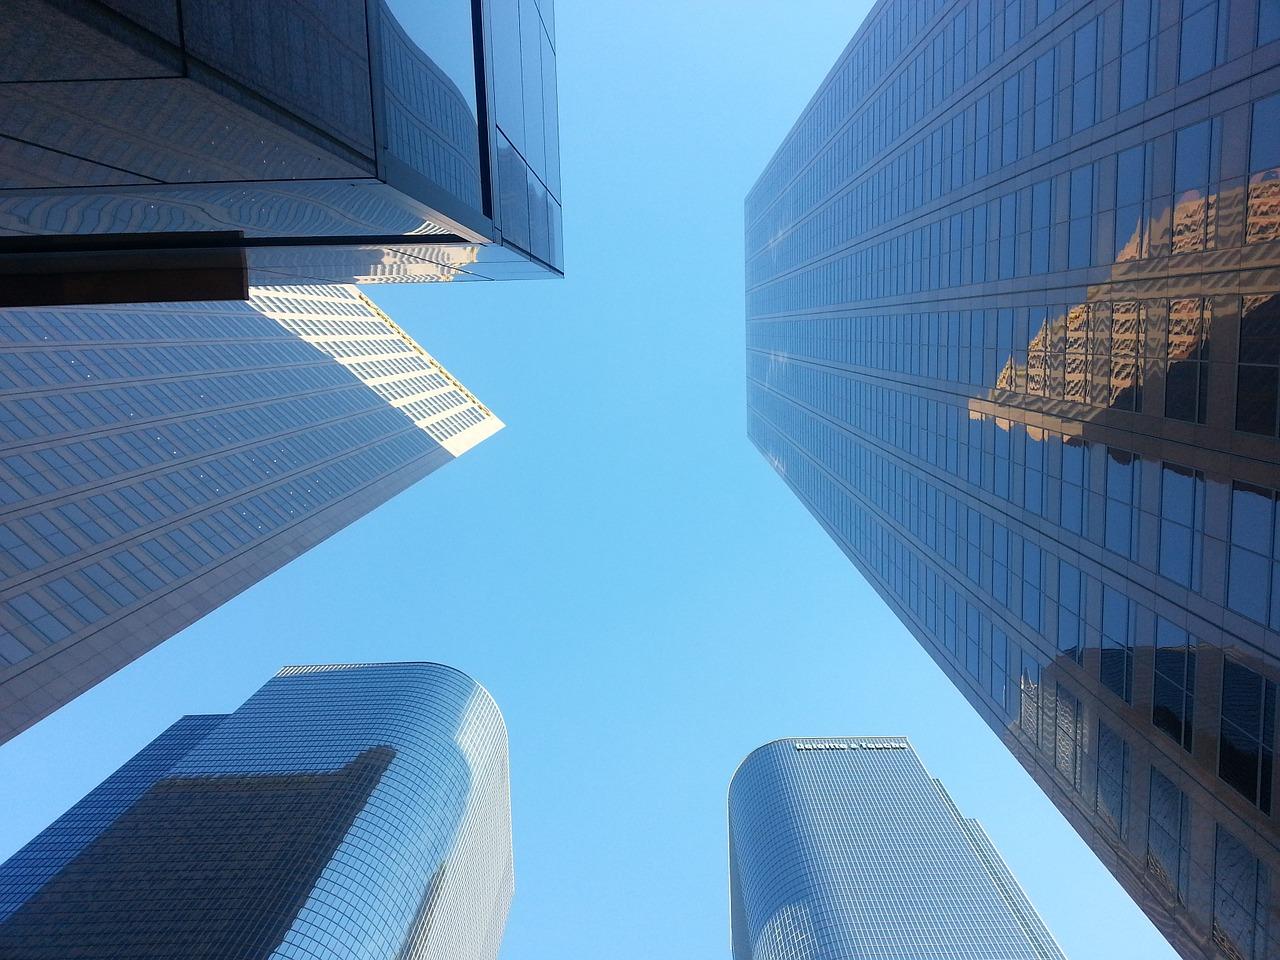 Image of Los Angeles Buildings